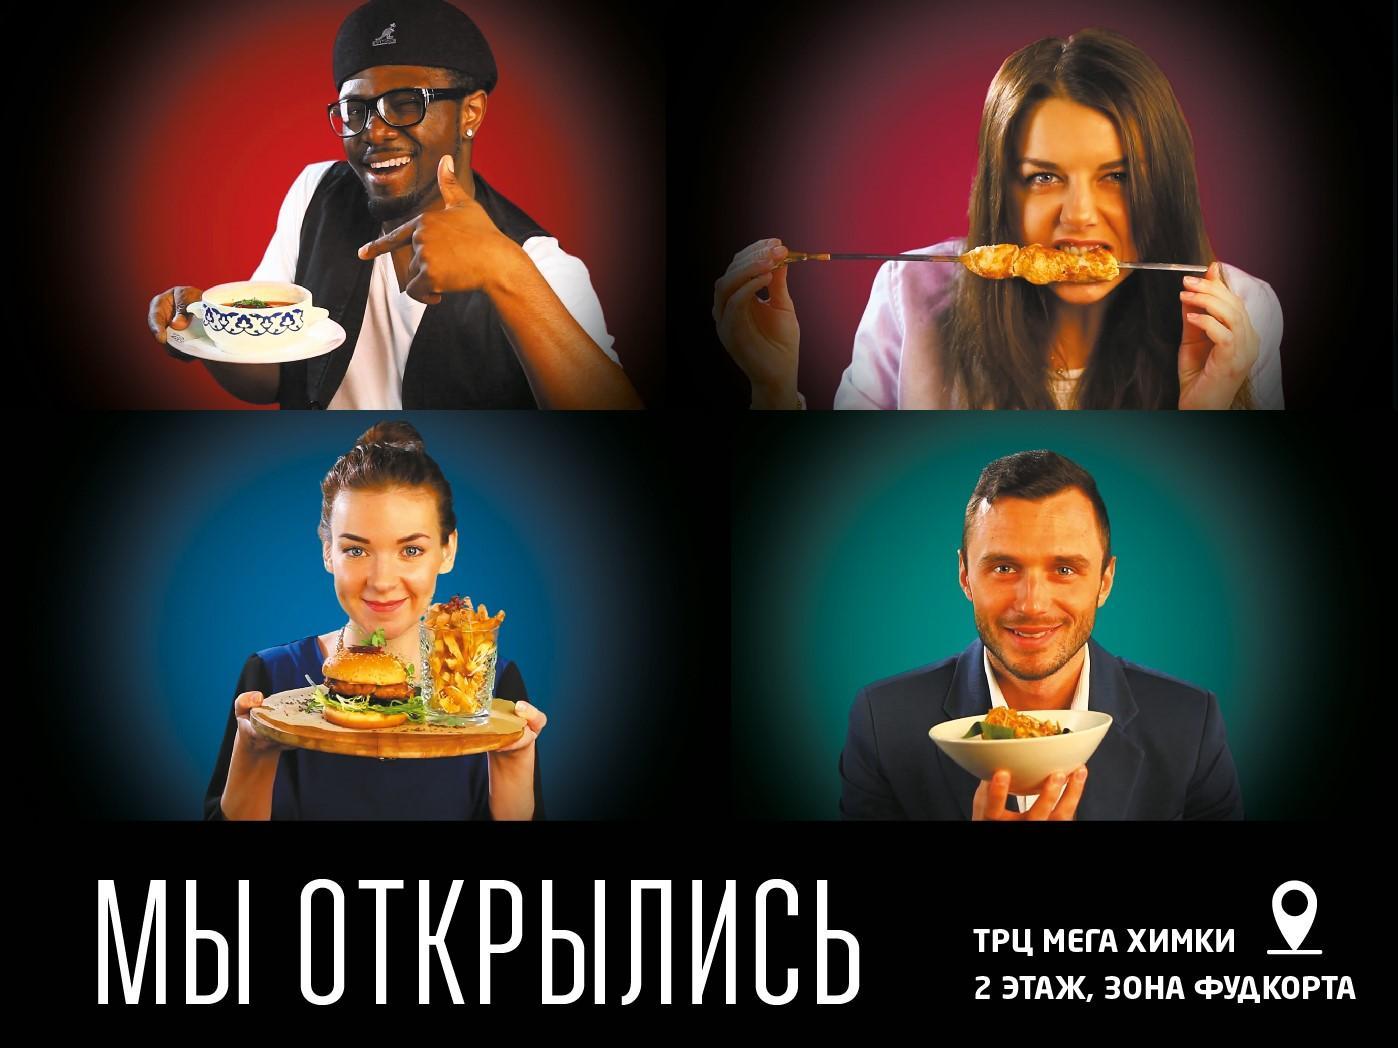 Новый ресторан в Химках!